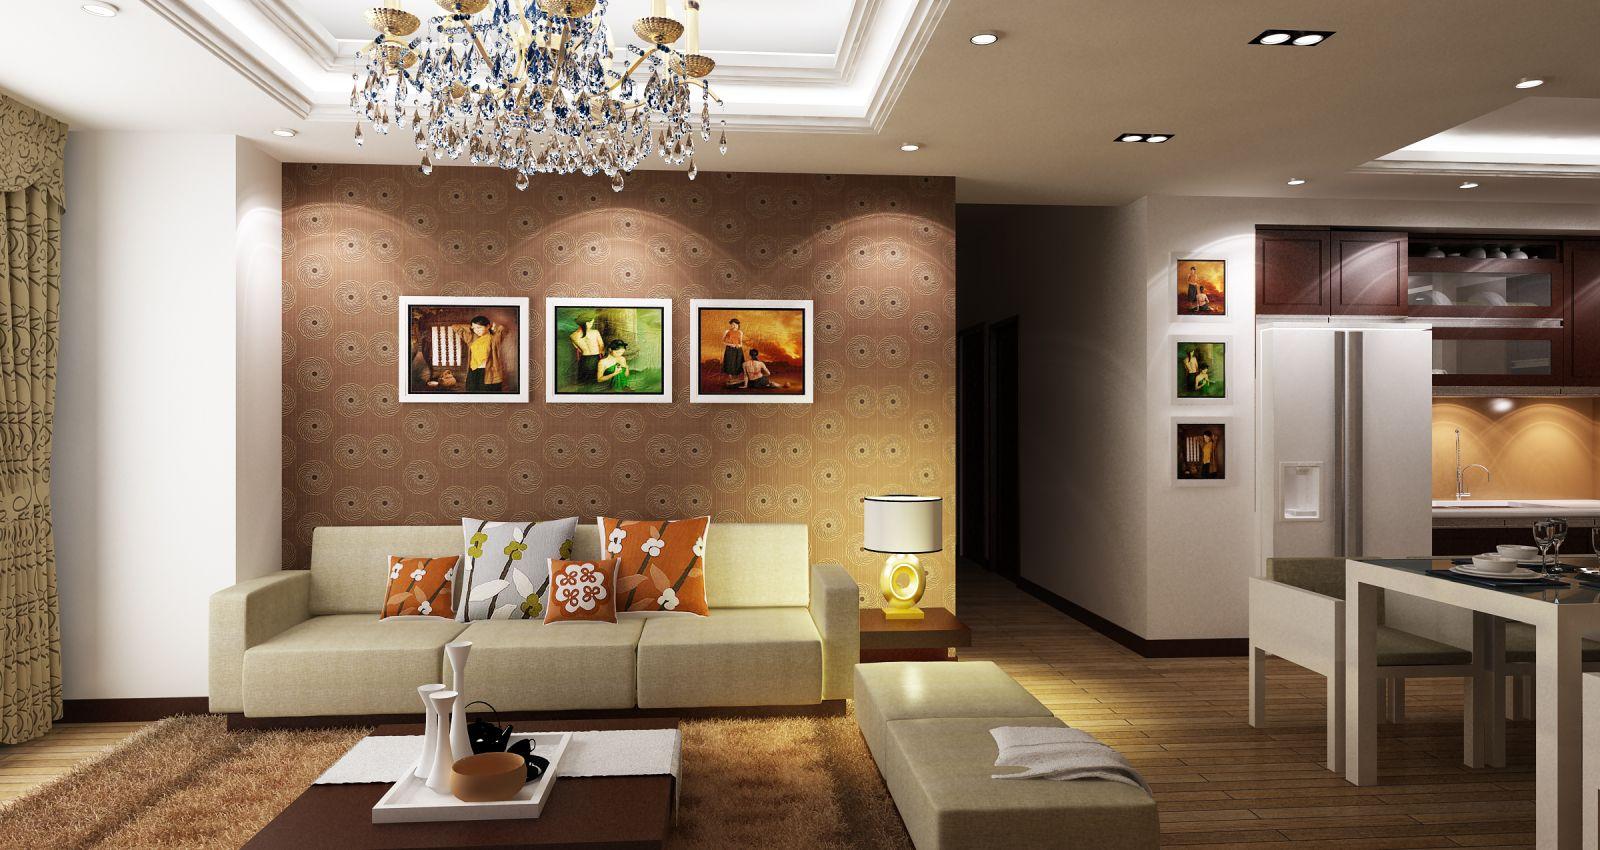 Những điều cần biết pháp lý khi mua căn hộ chung cư